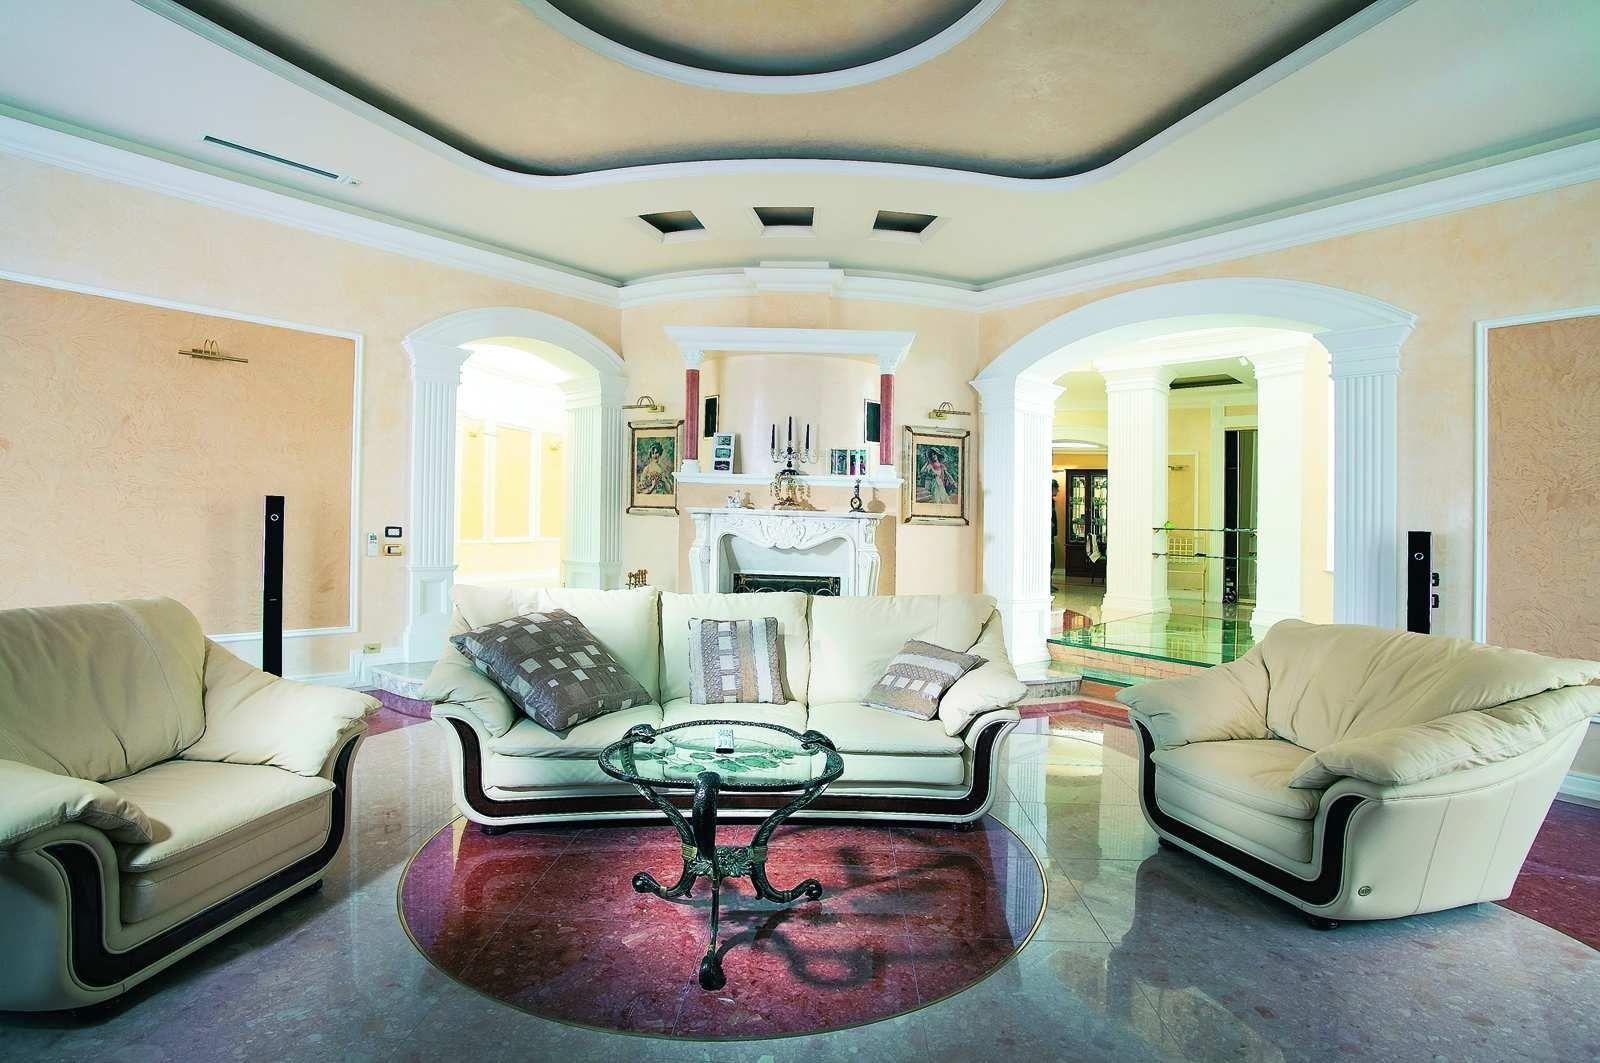 Arabic Zeal Global Village Home Decor Dubai 28 Q